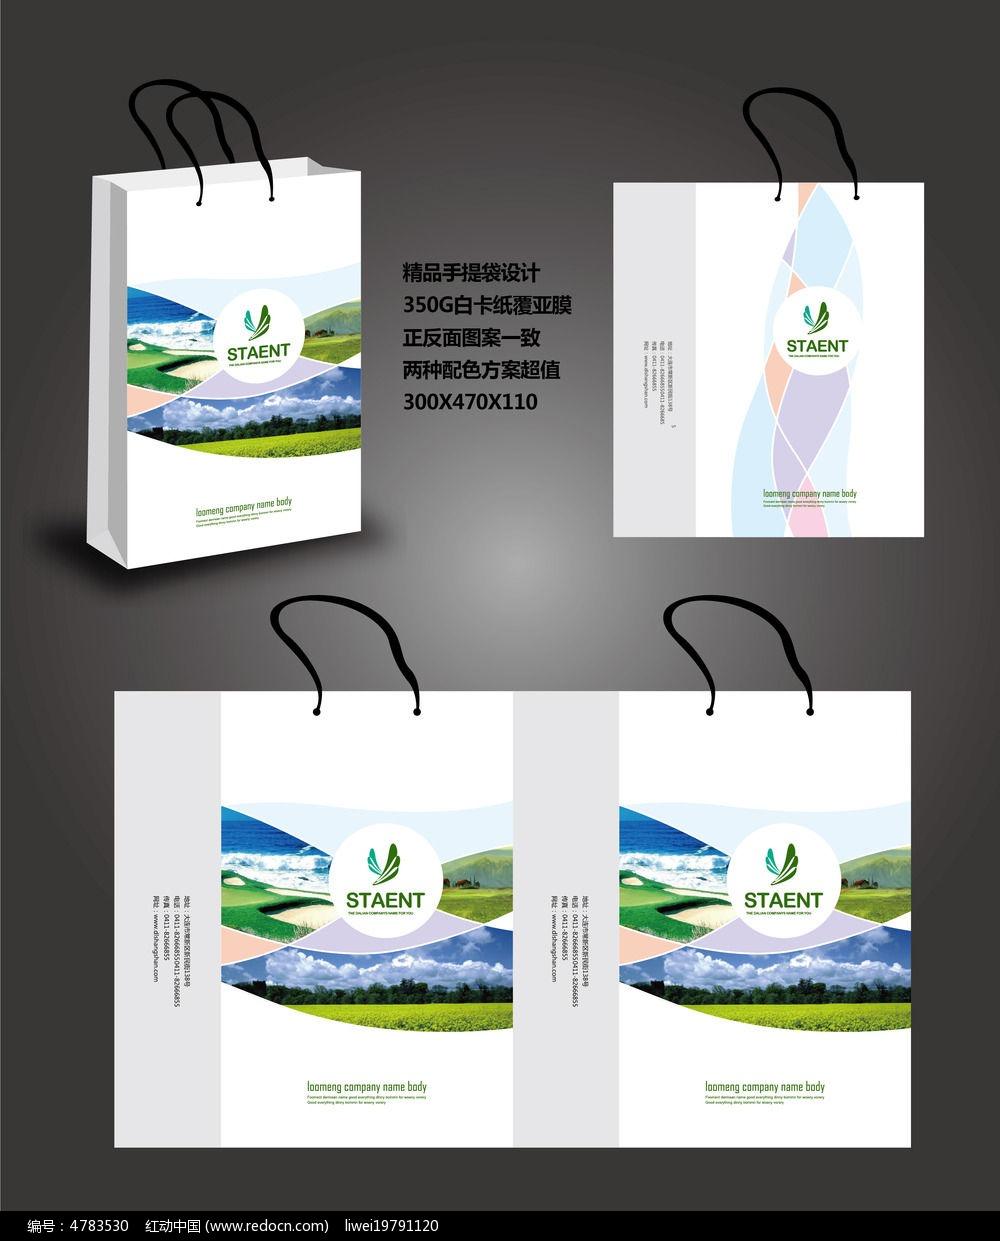 原创设计稿 包装设计/手提袋 手提袋 旅游公司手提袋设计  请您分享图片